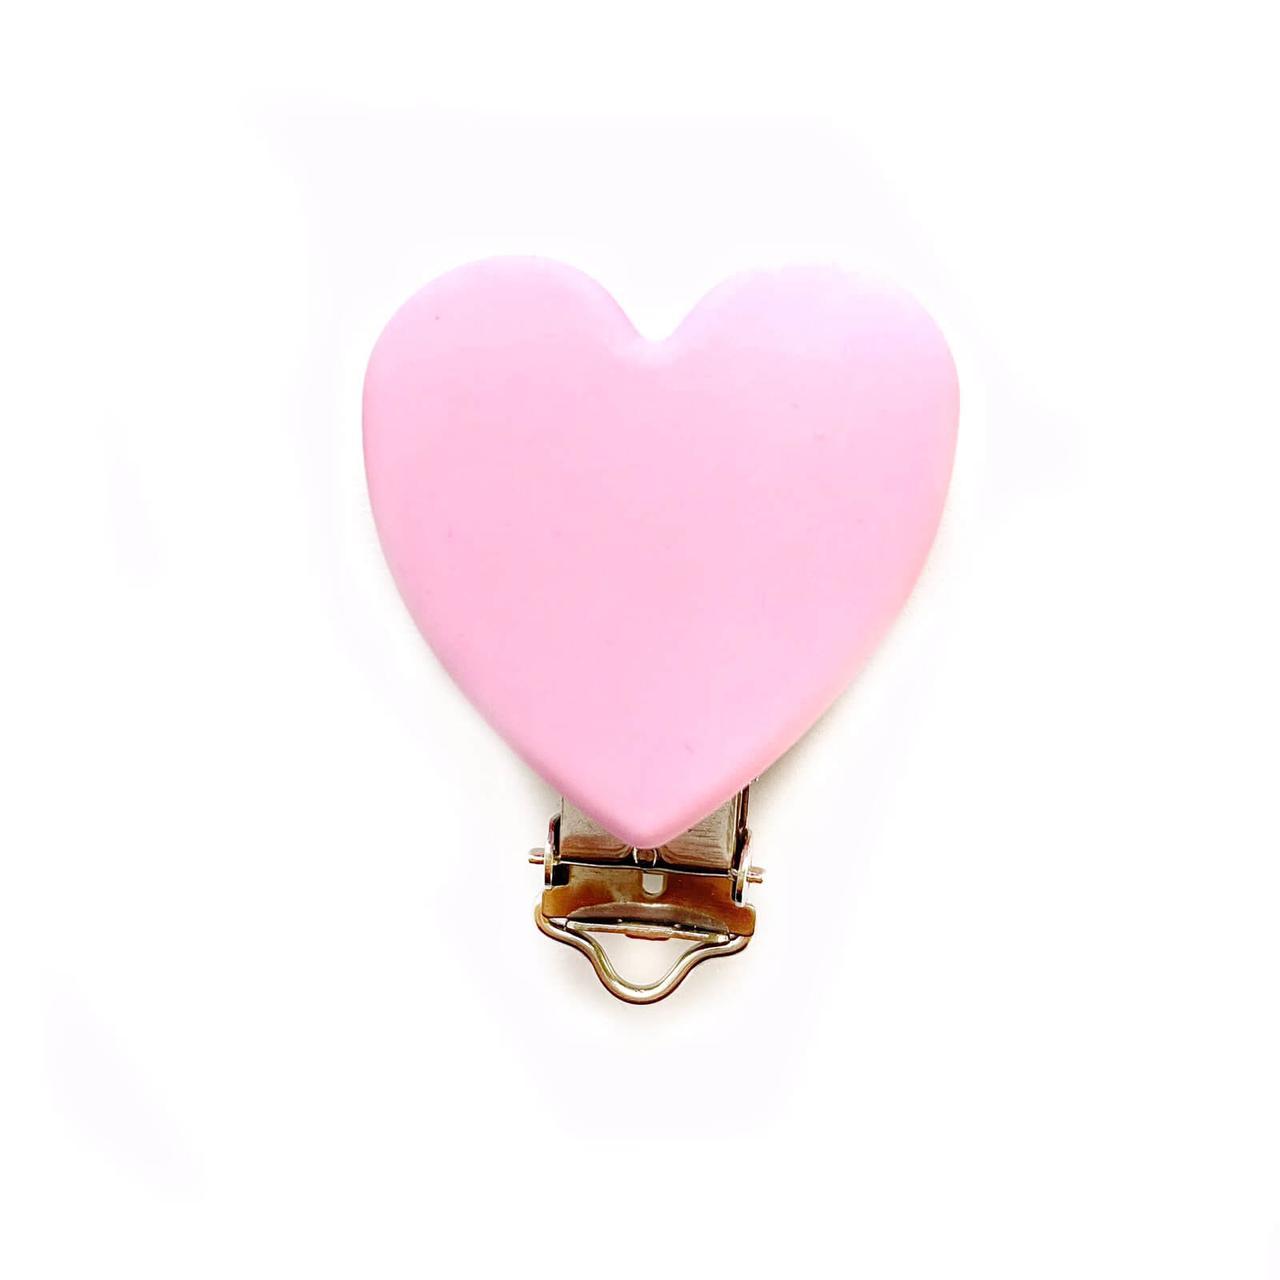 Клипса Сердце (Пейл пинк) силиконовая для пустышки